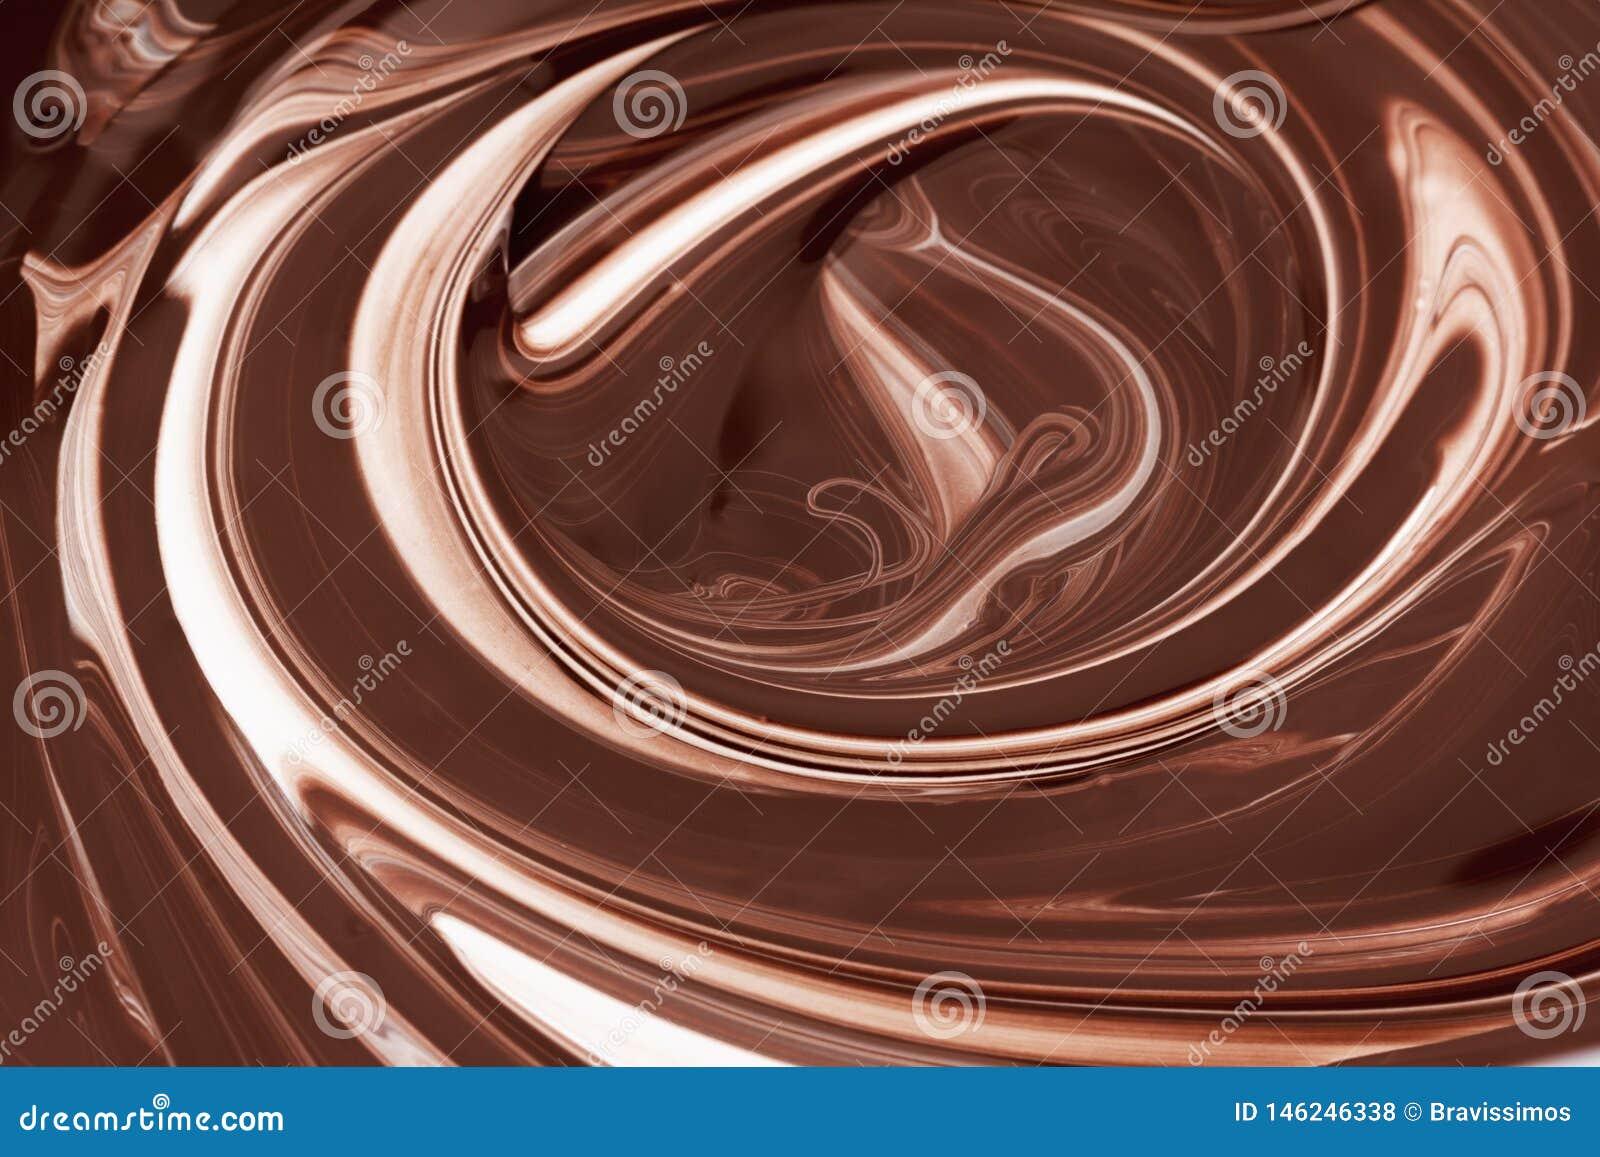 Предпосылка конспекта горячего шоколада коричневая, жидкостный